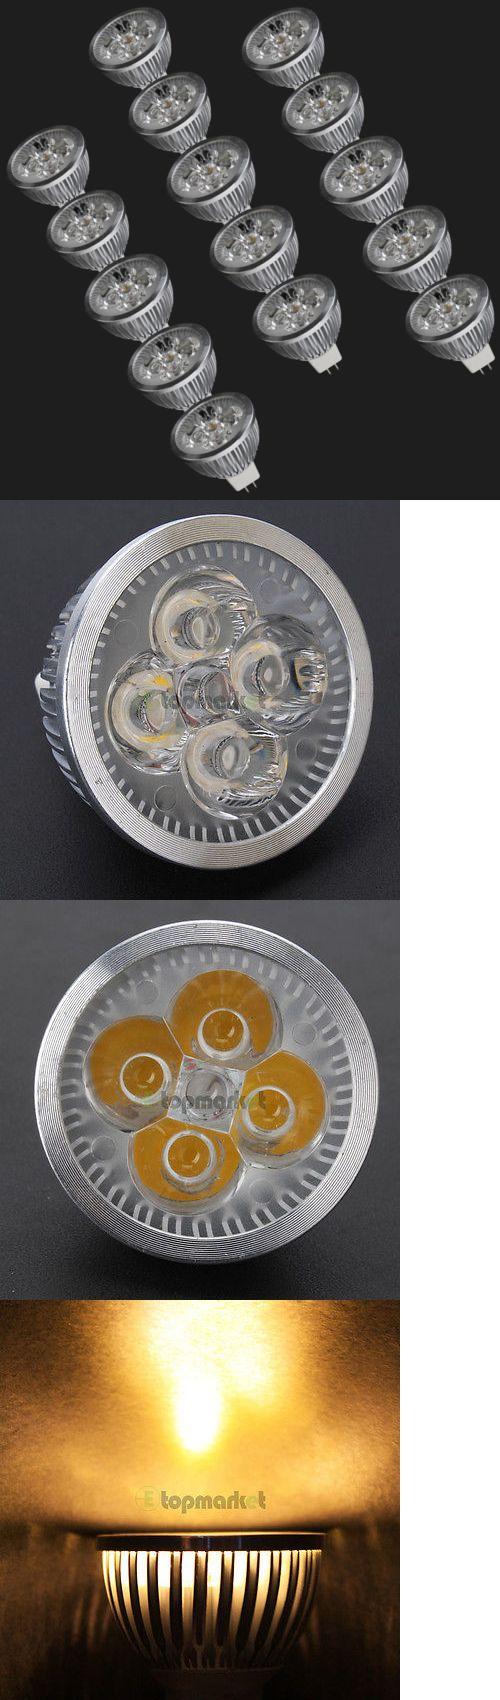 Light Bulbs 20706: 15X Bulb Mr16 4W 12V 3000K New Led Spot Light Down Lamp Energy Saving Warm White -> BUY IT NOW ONLY: $33.29 on eBay!